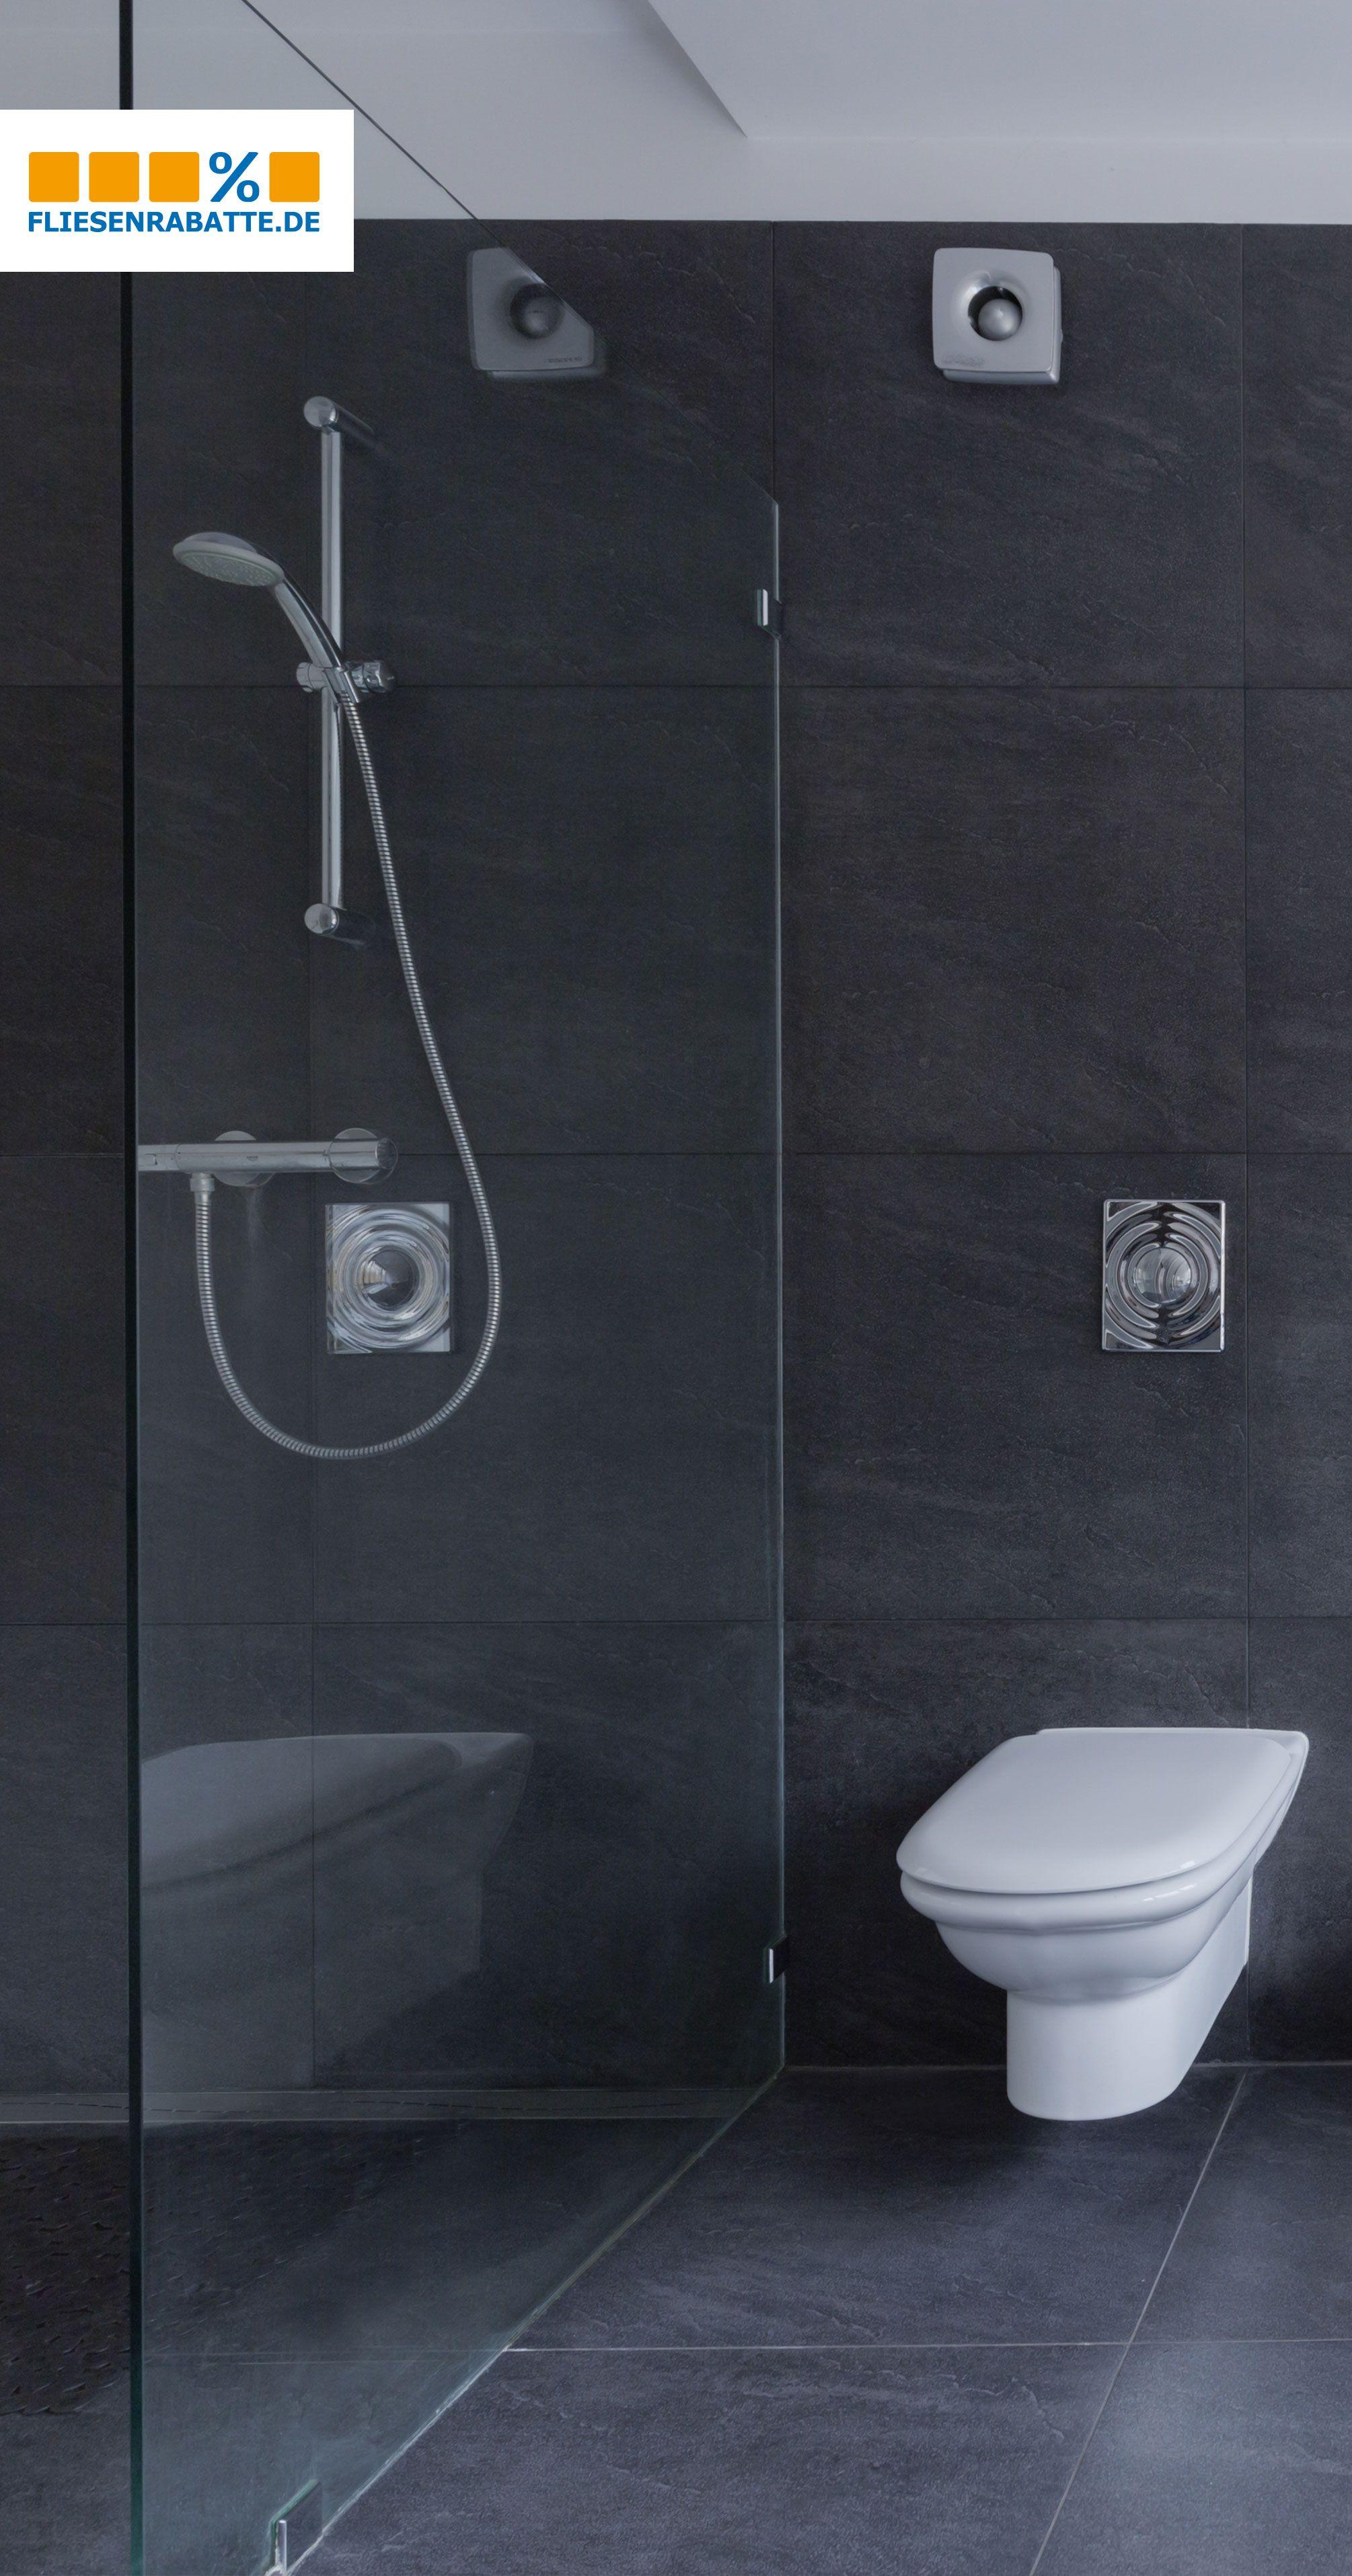 Xxl Fliesen In Dunklen Ausdrucksstarken Farben Bringen Einen Hochmodernen Look In Das Badezimmer Oder Auch I Badezimmer Doppelbadewanne Badezimmer Anthrazit